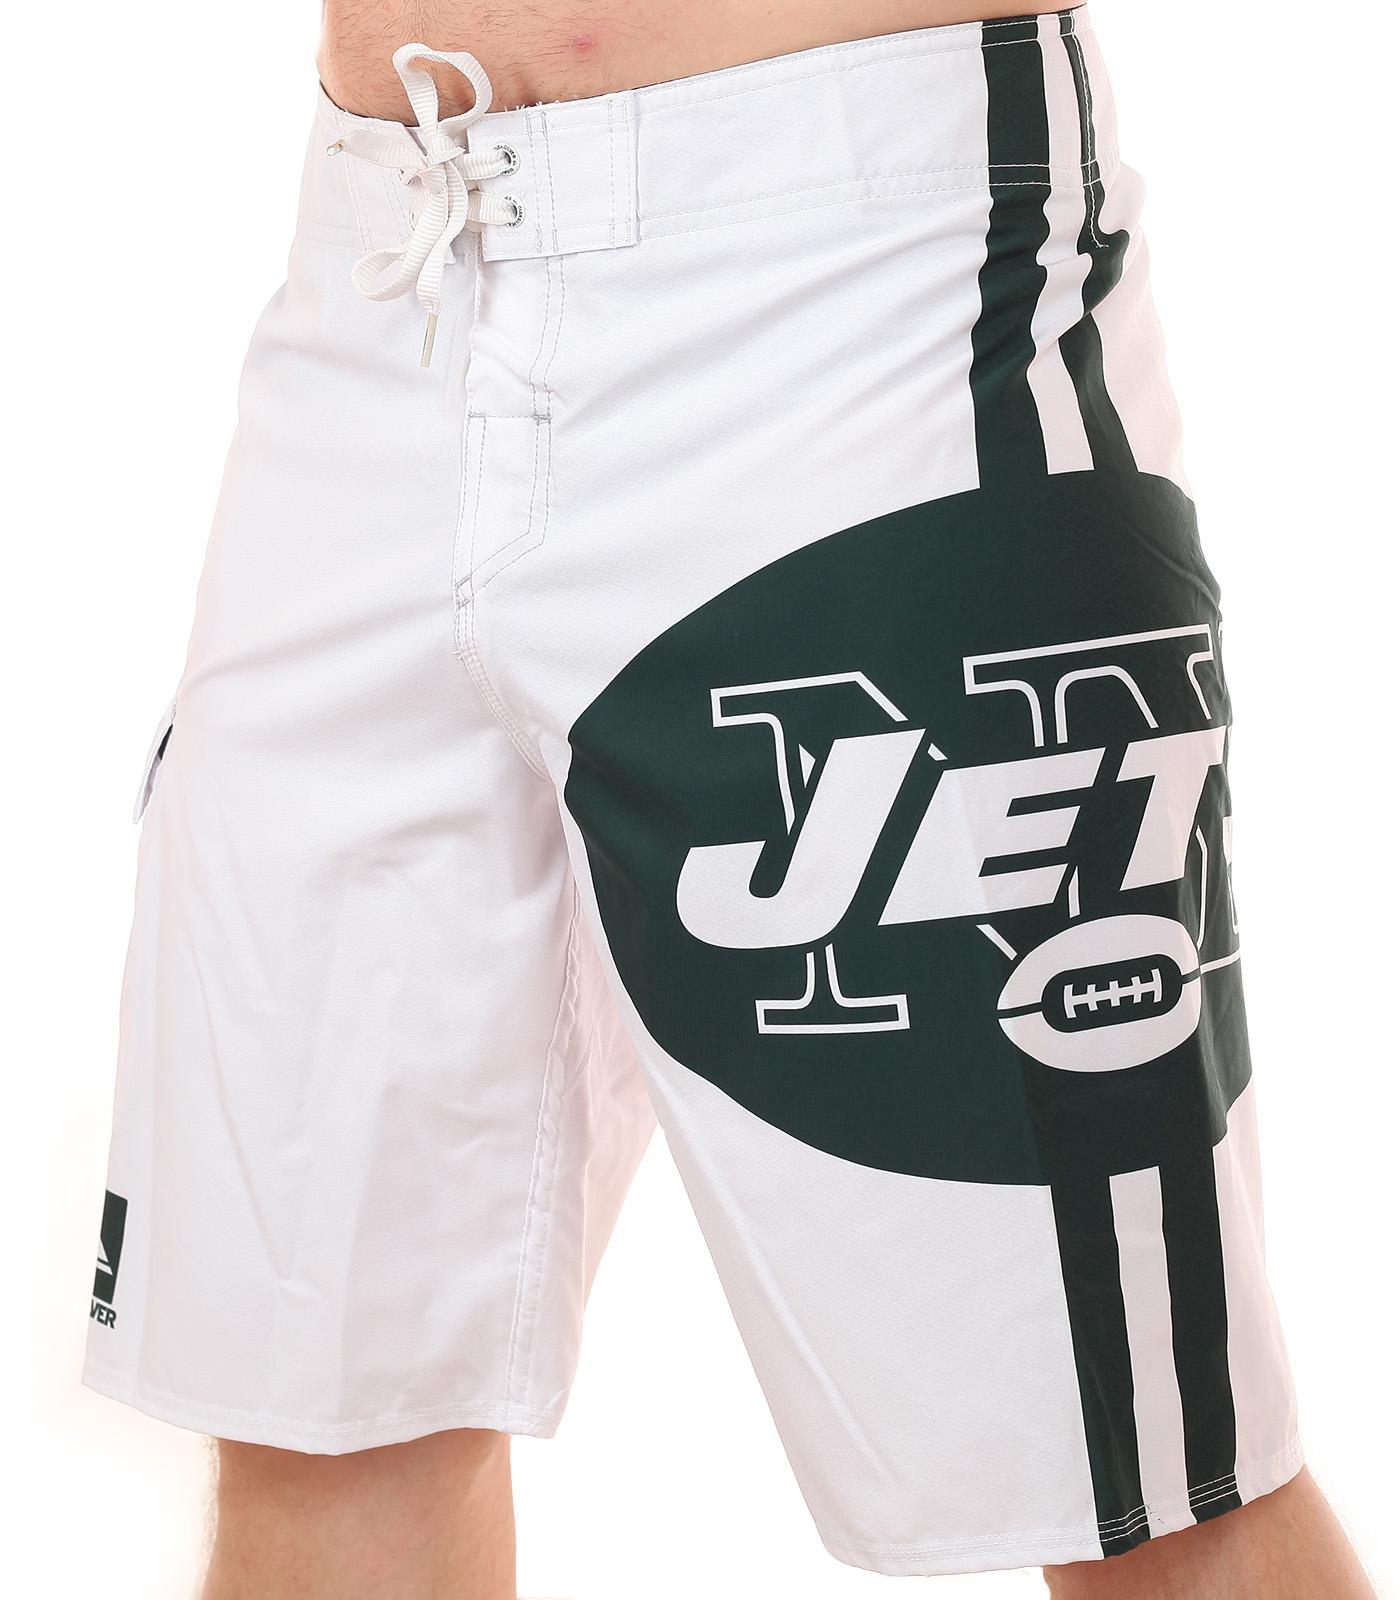 Бордшорты с логотипом профессионального клуба по американскому футболу New York Jets